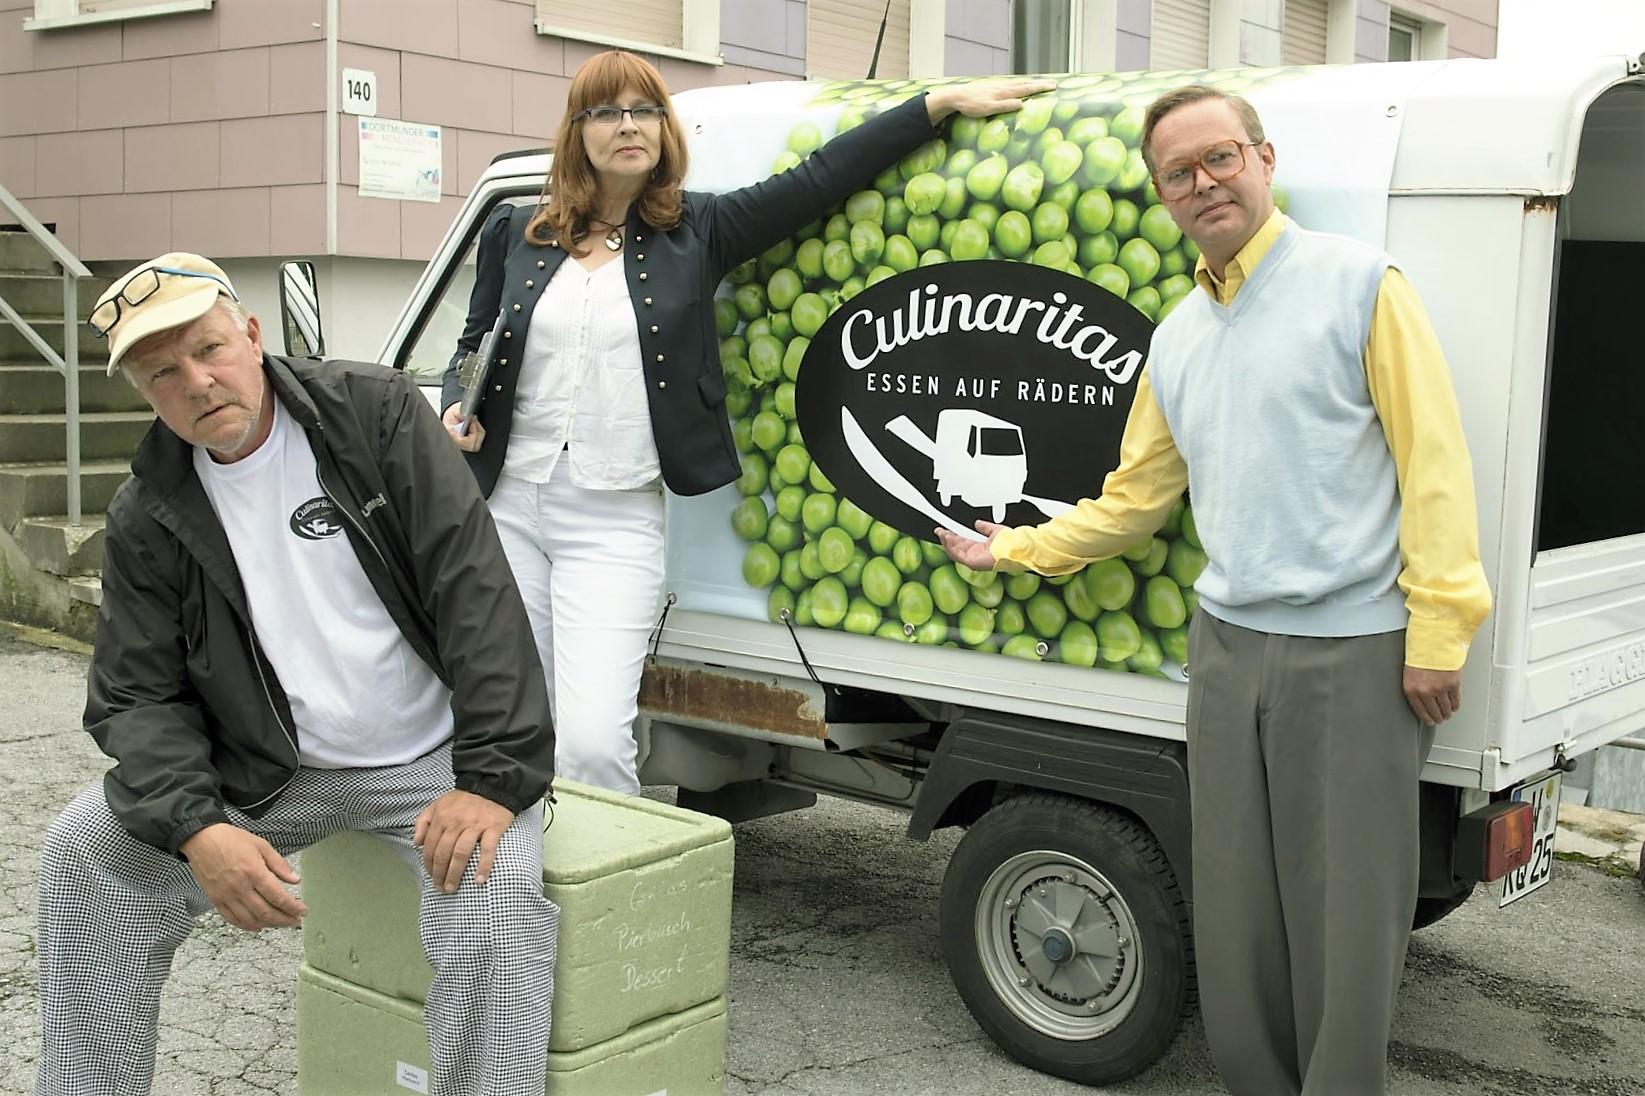 Culinaritas I.